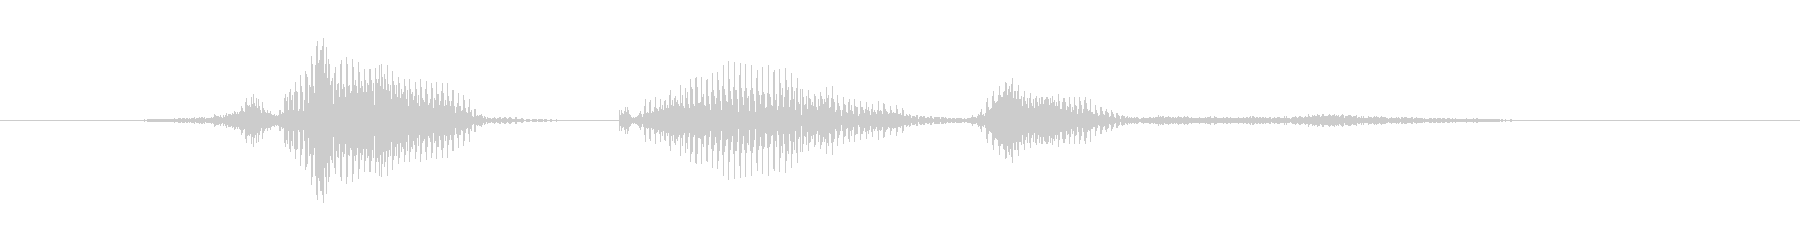 正解です(せいかいです)の未再生の波形